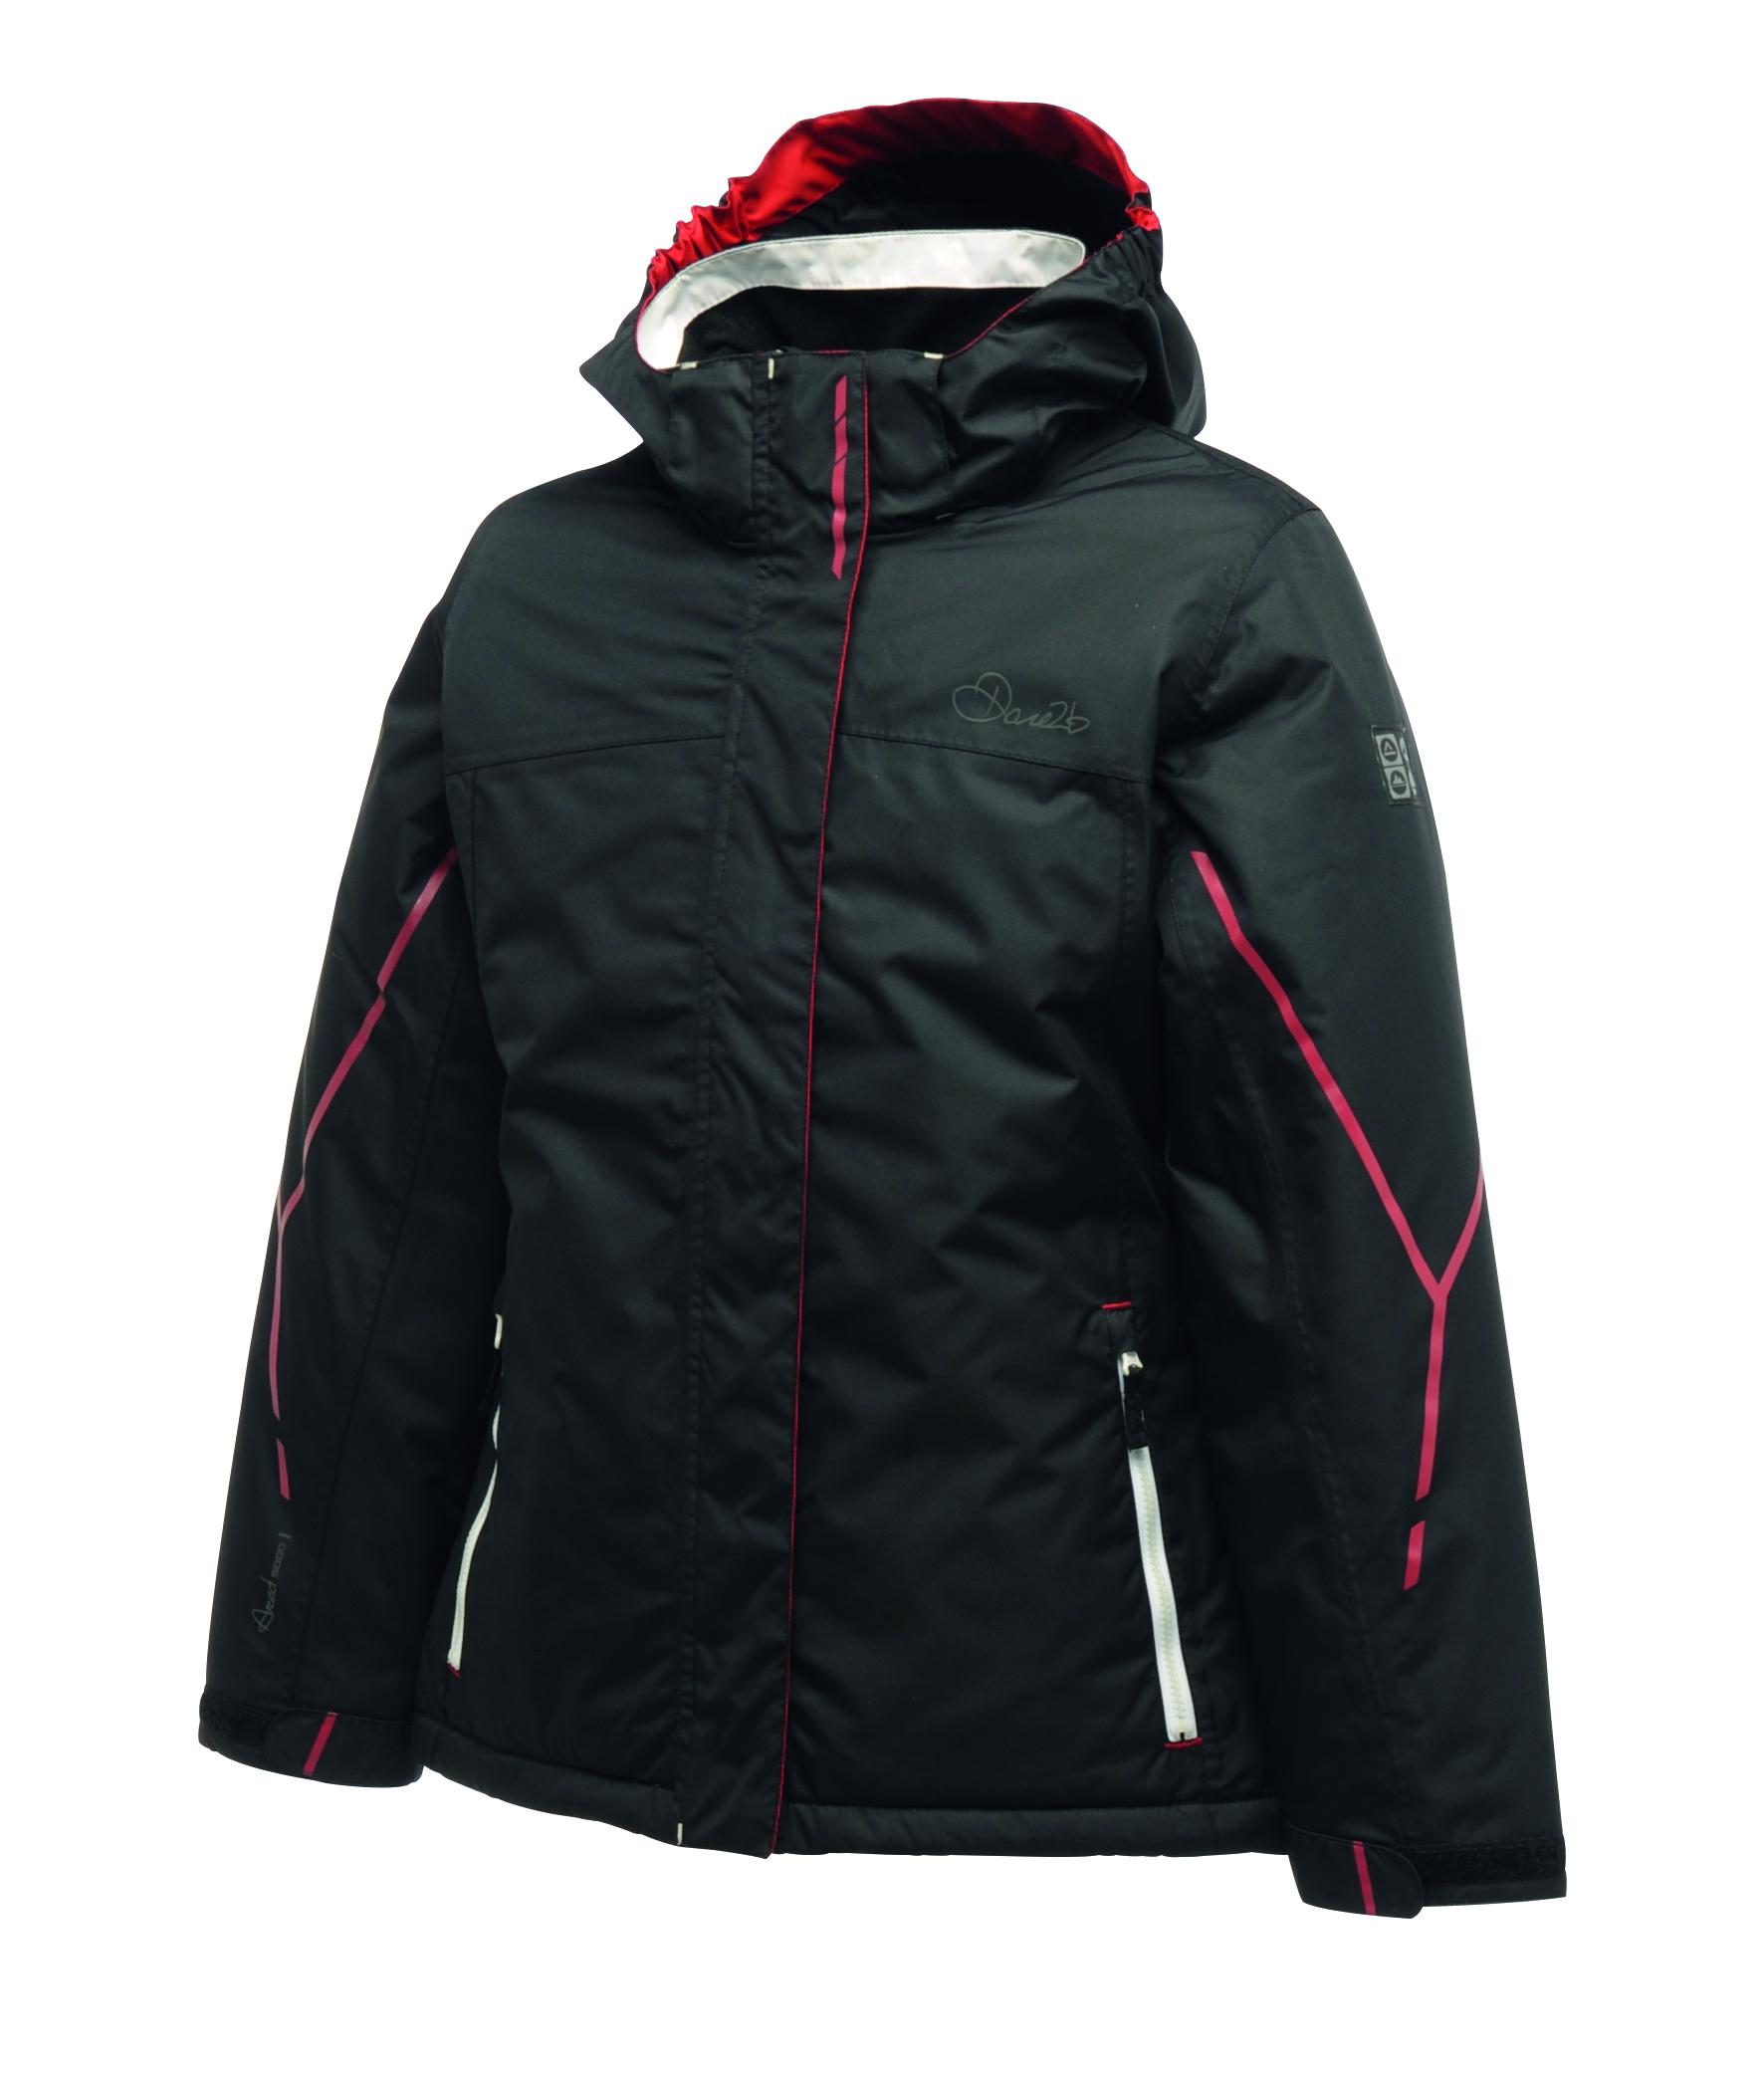 37421317cc Parody Girls Dare2b Ski Jacket